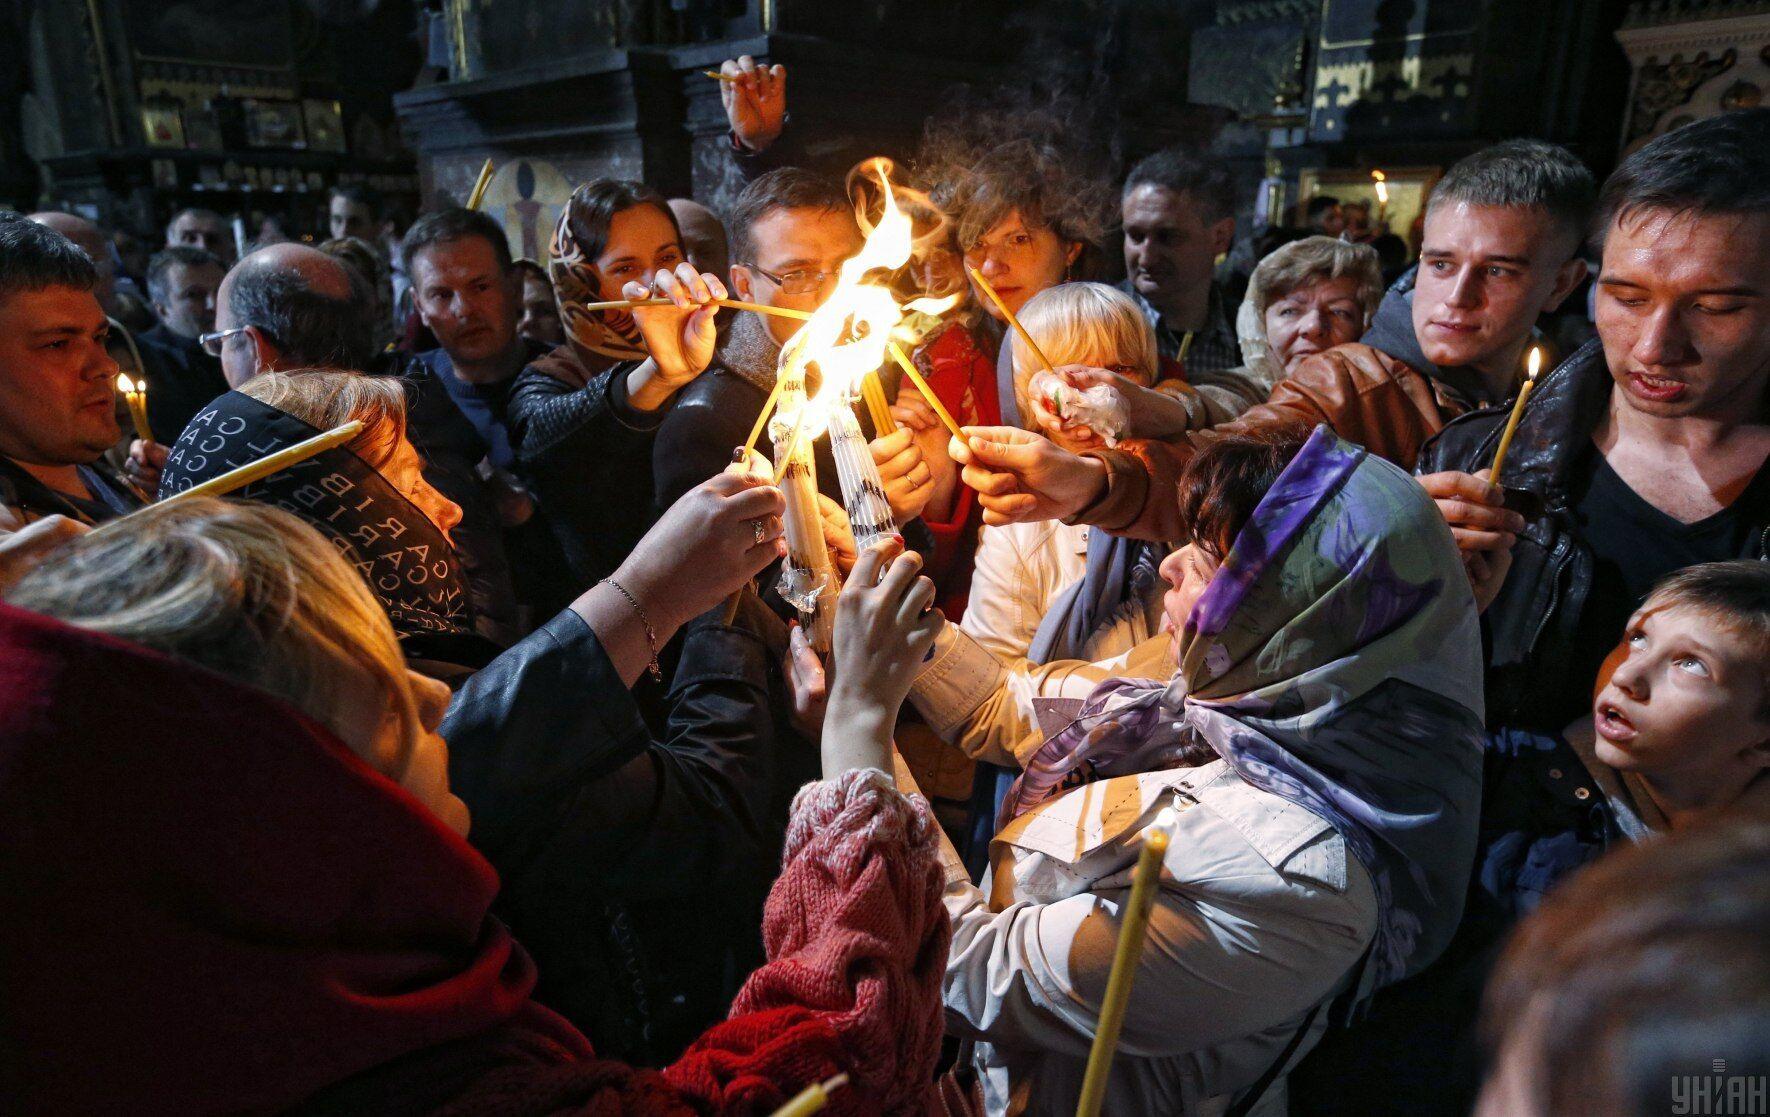 Віряни роздають одне одному Благодатний вогонь, Володимирський собор, Київ